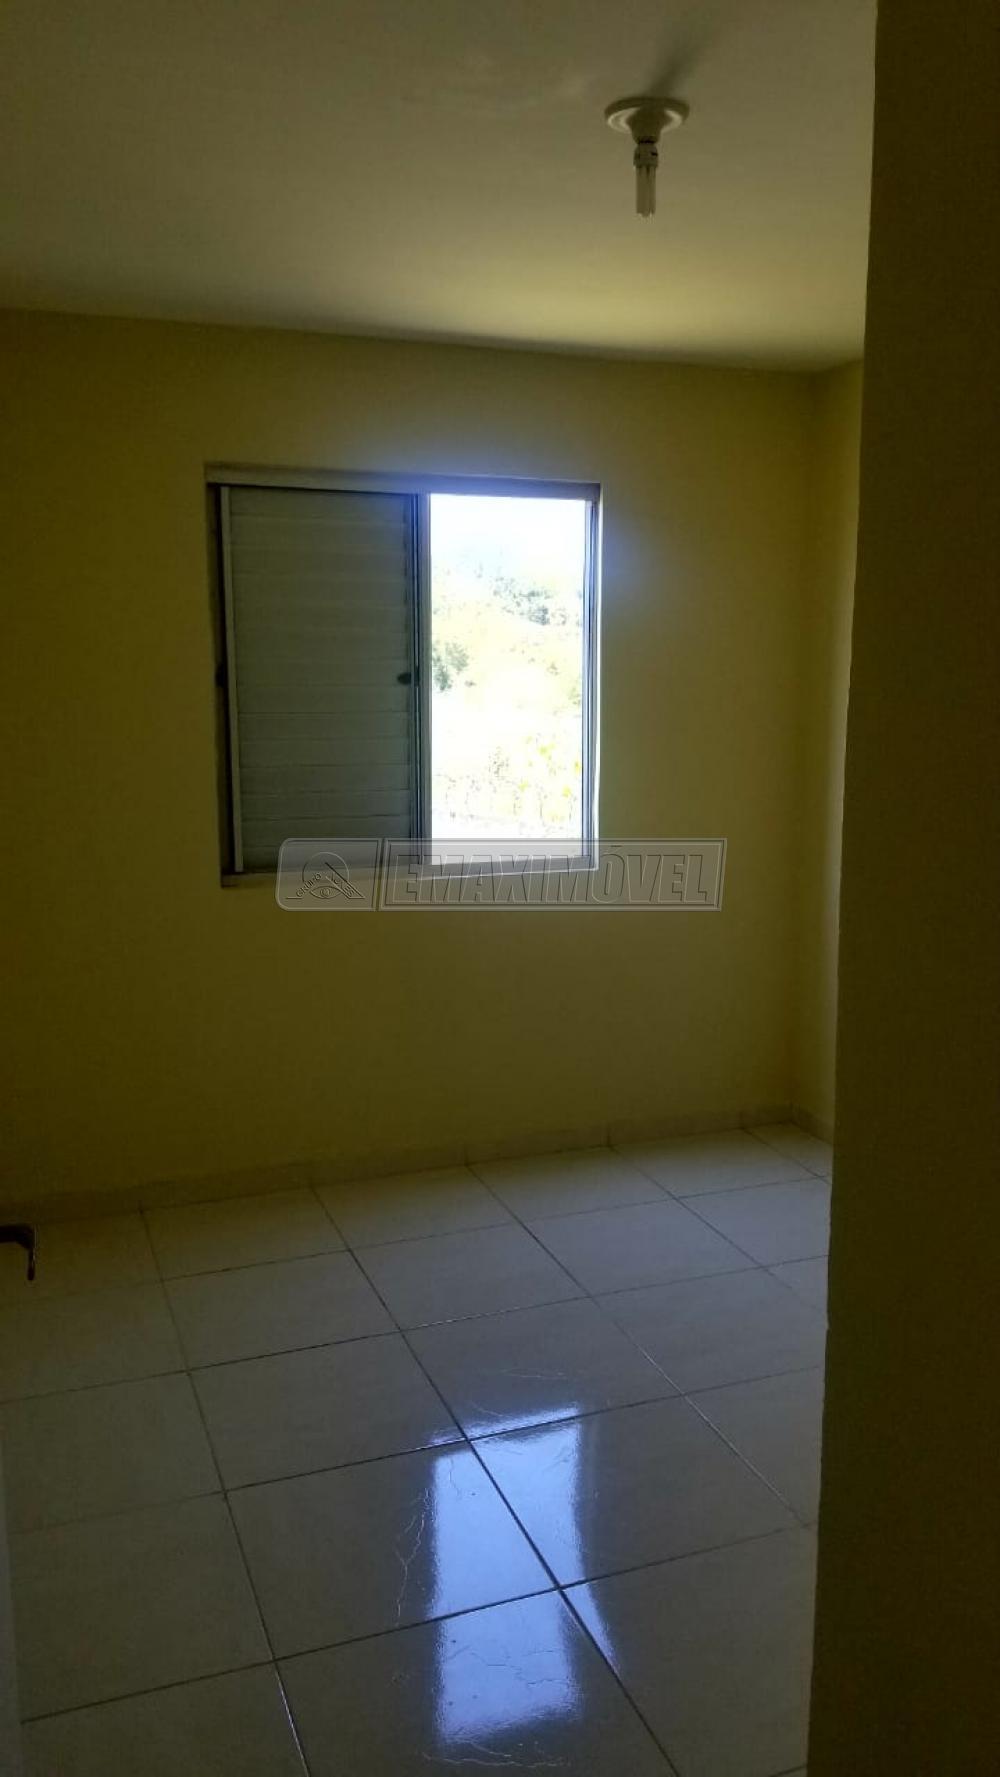 Alugar Apartamentos / Apto Padrão em Votorantim R$ 700,00 - Foto 7